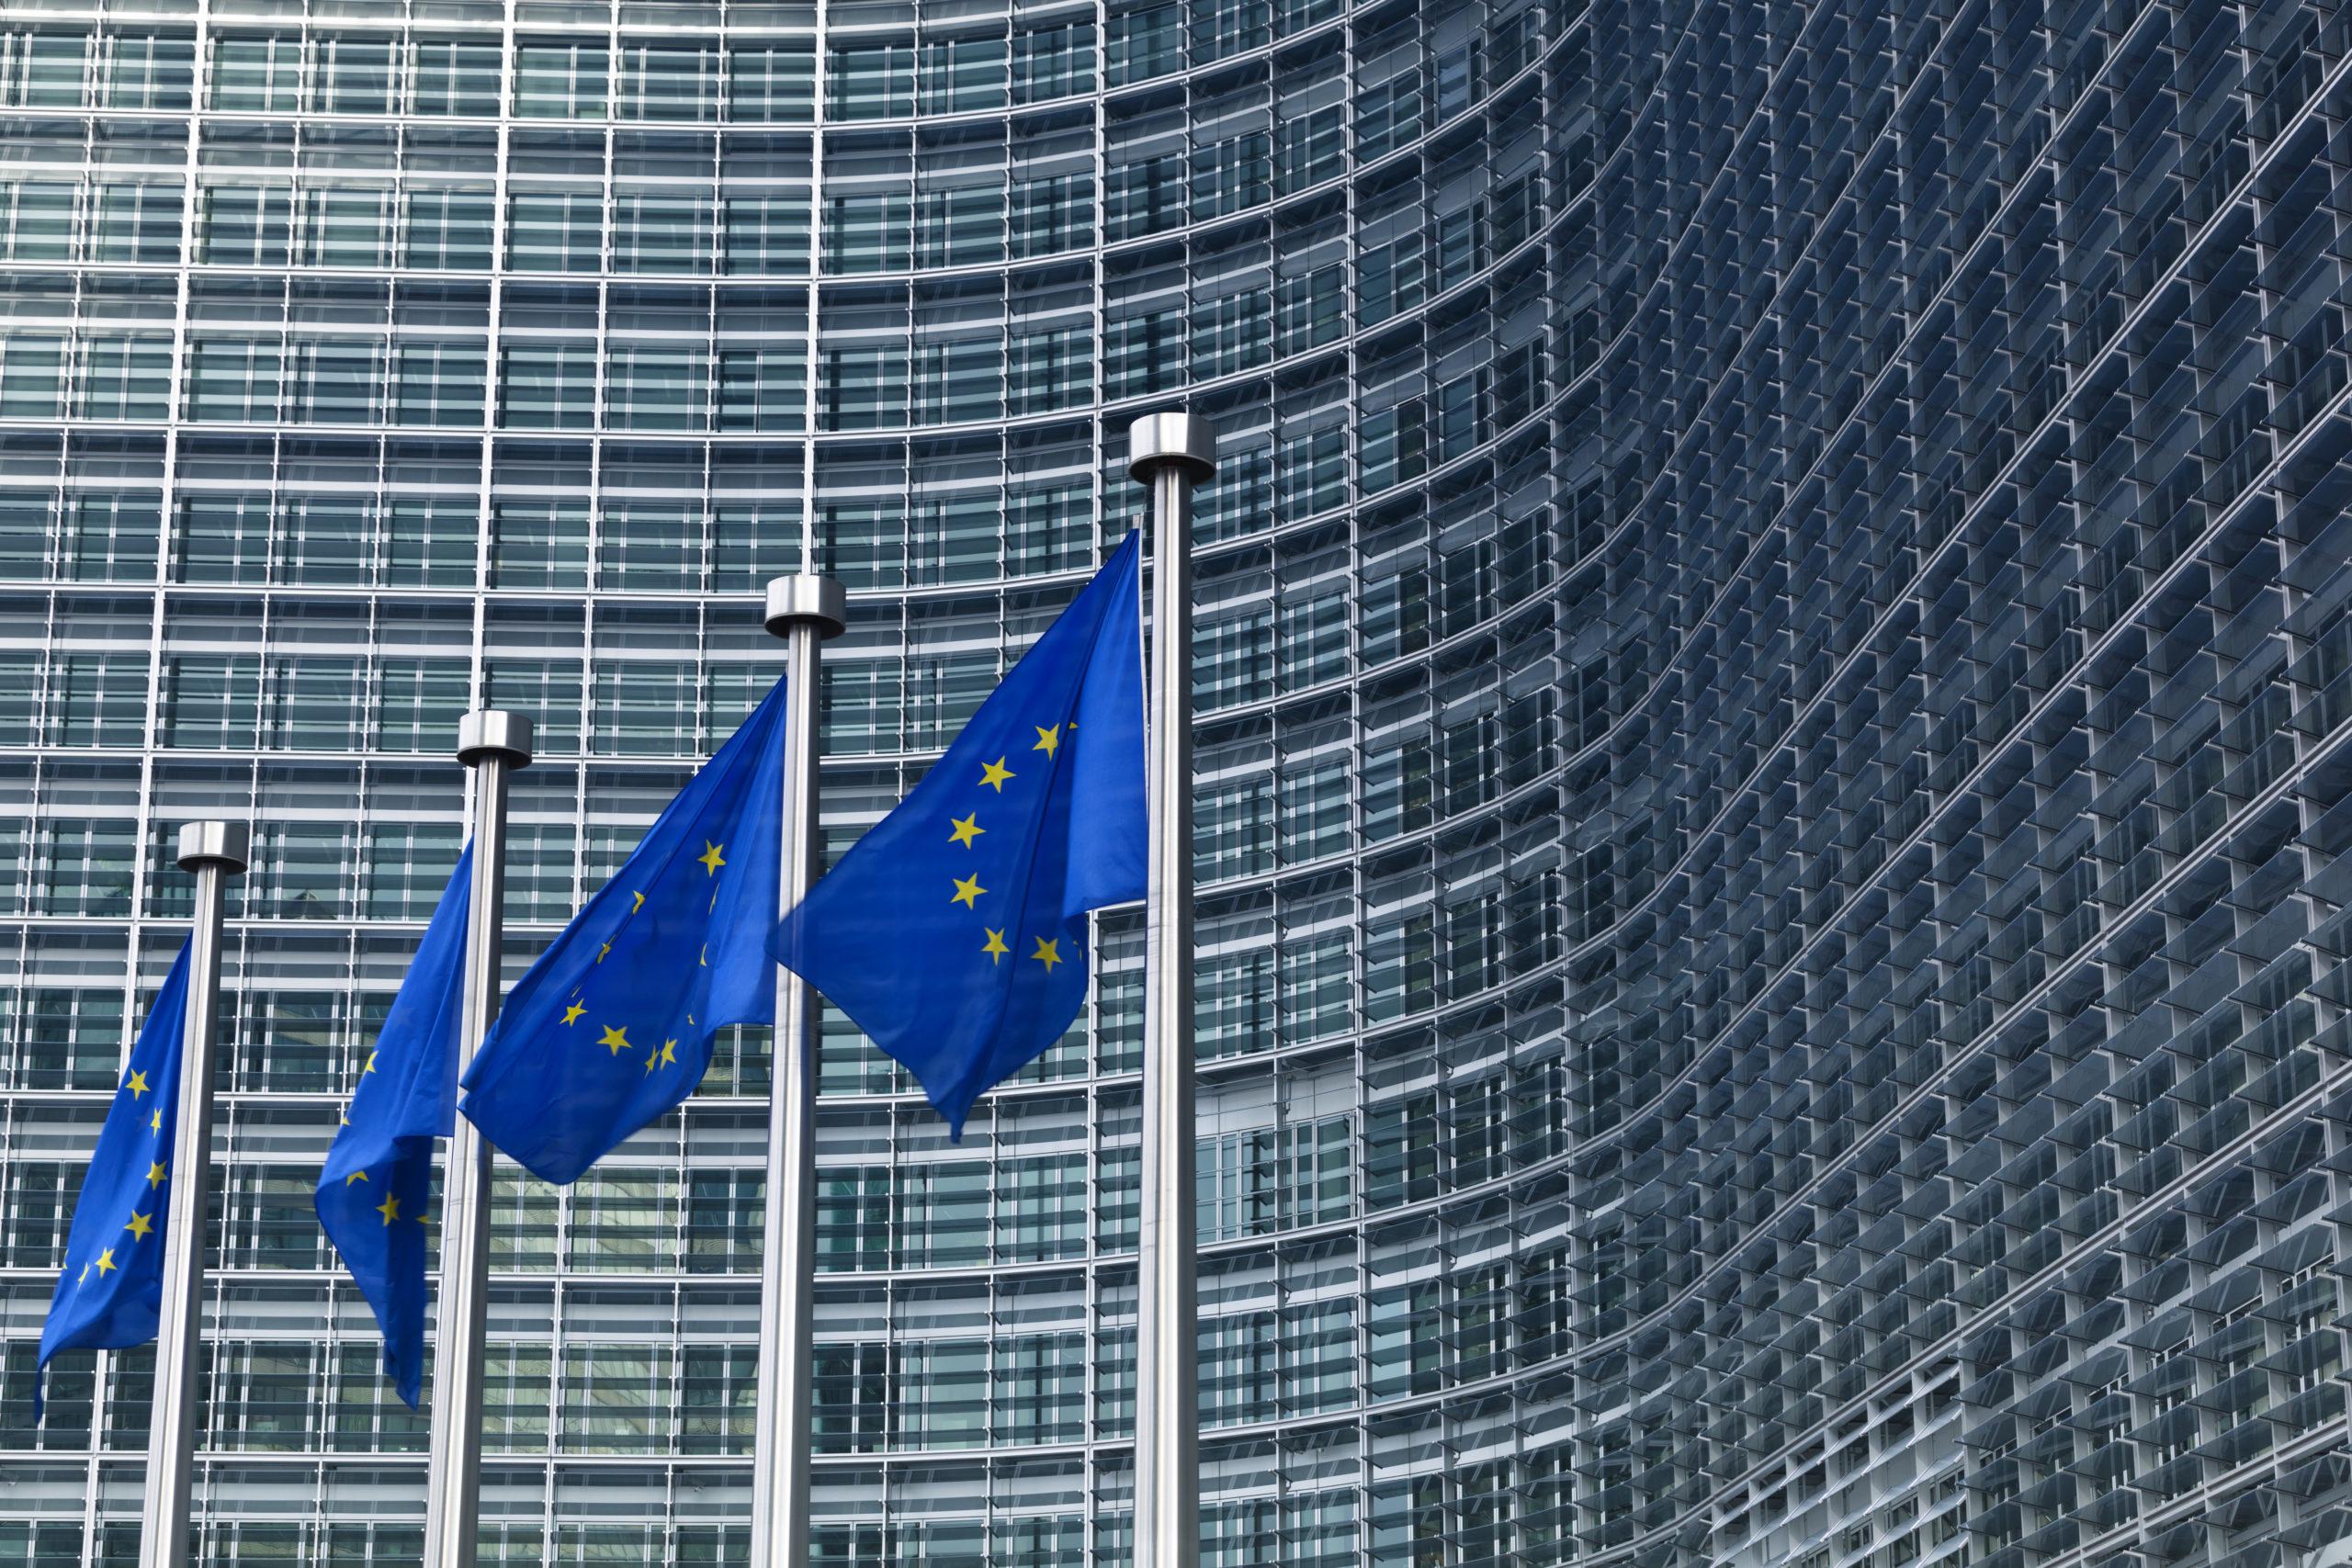 parlement européén Bruxelle